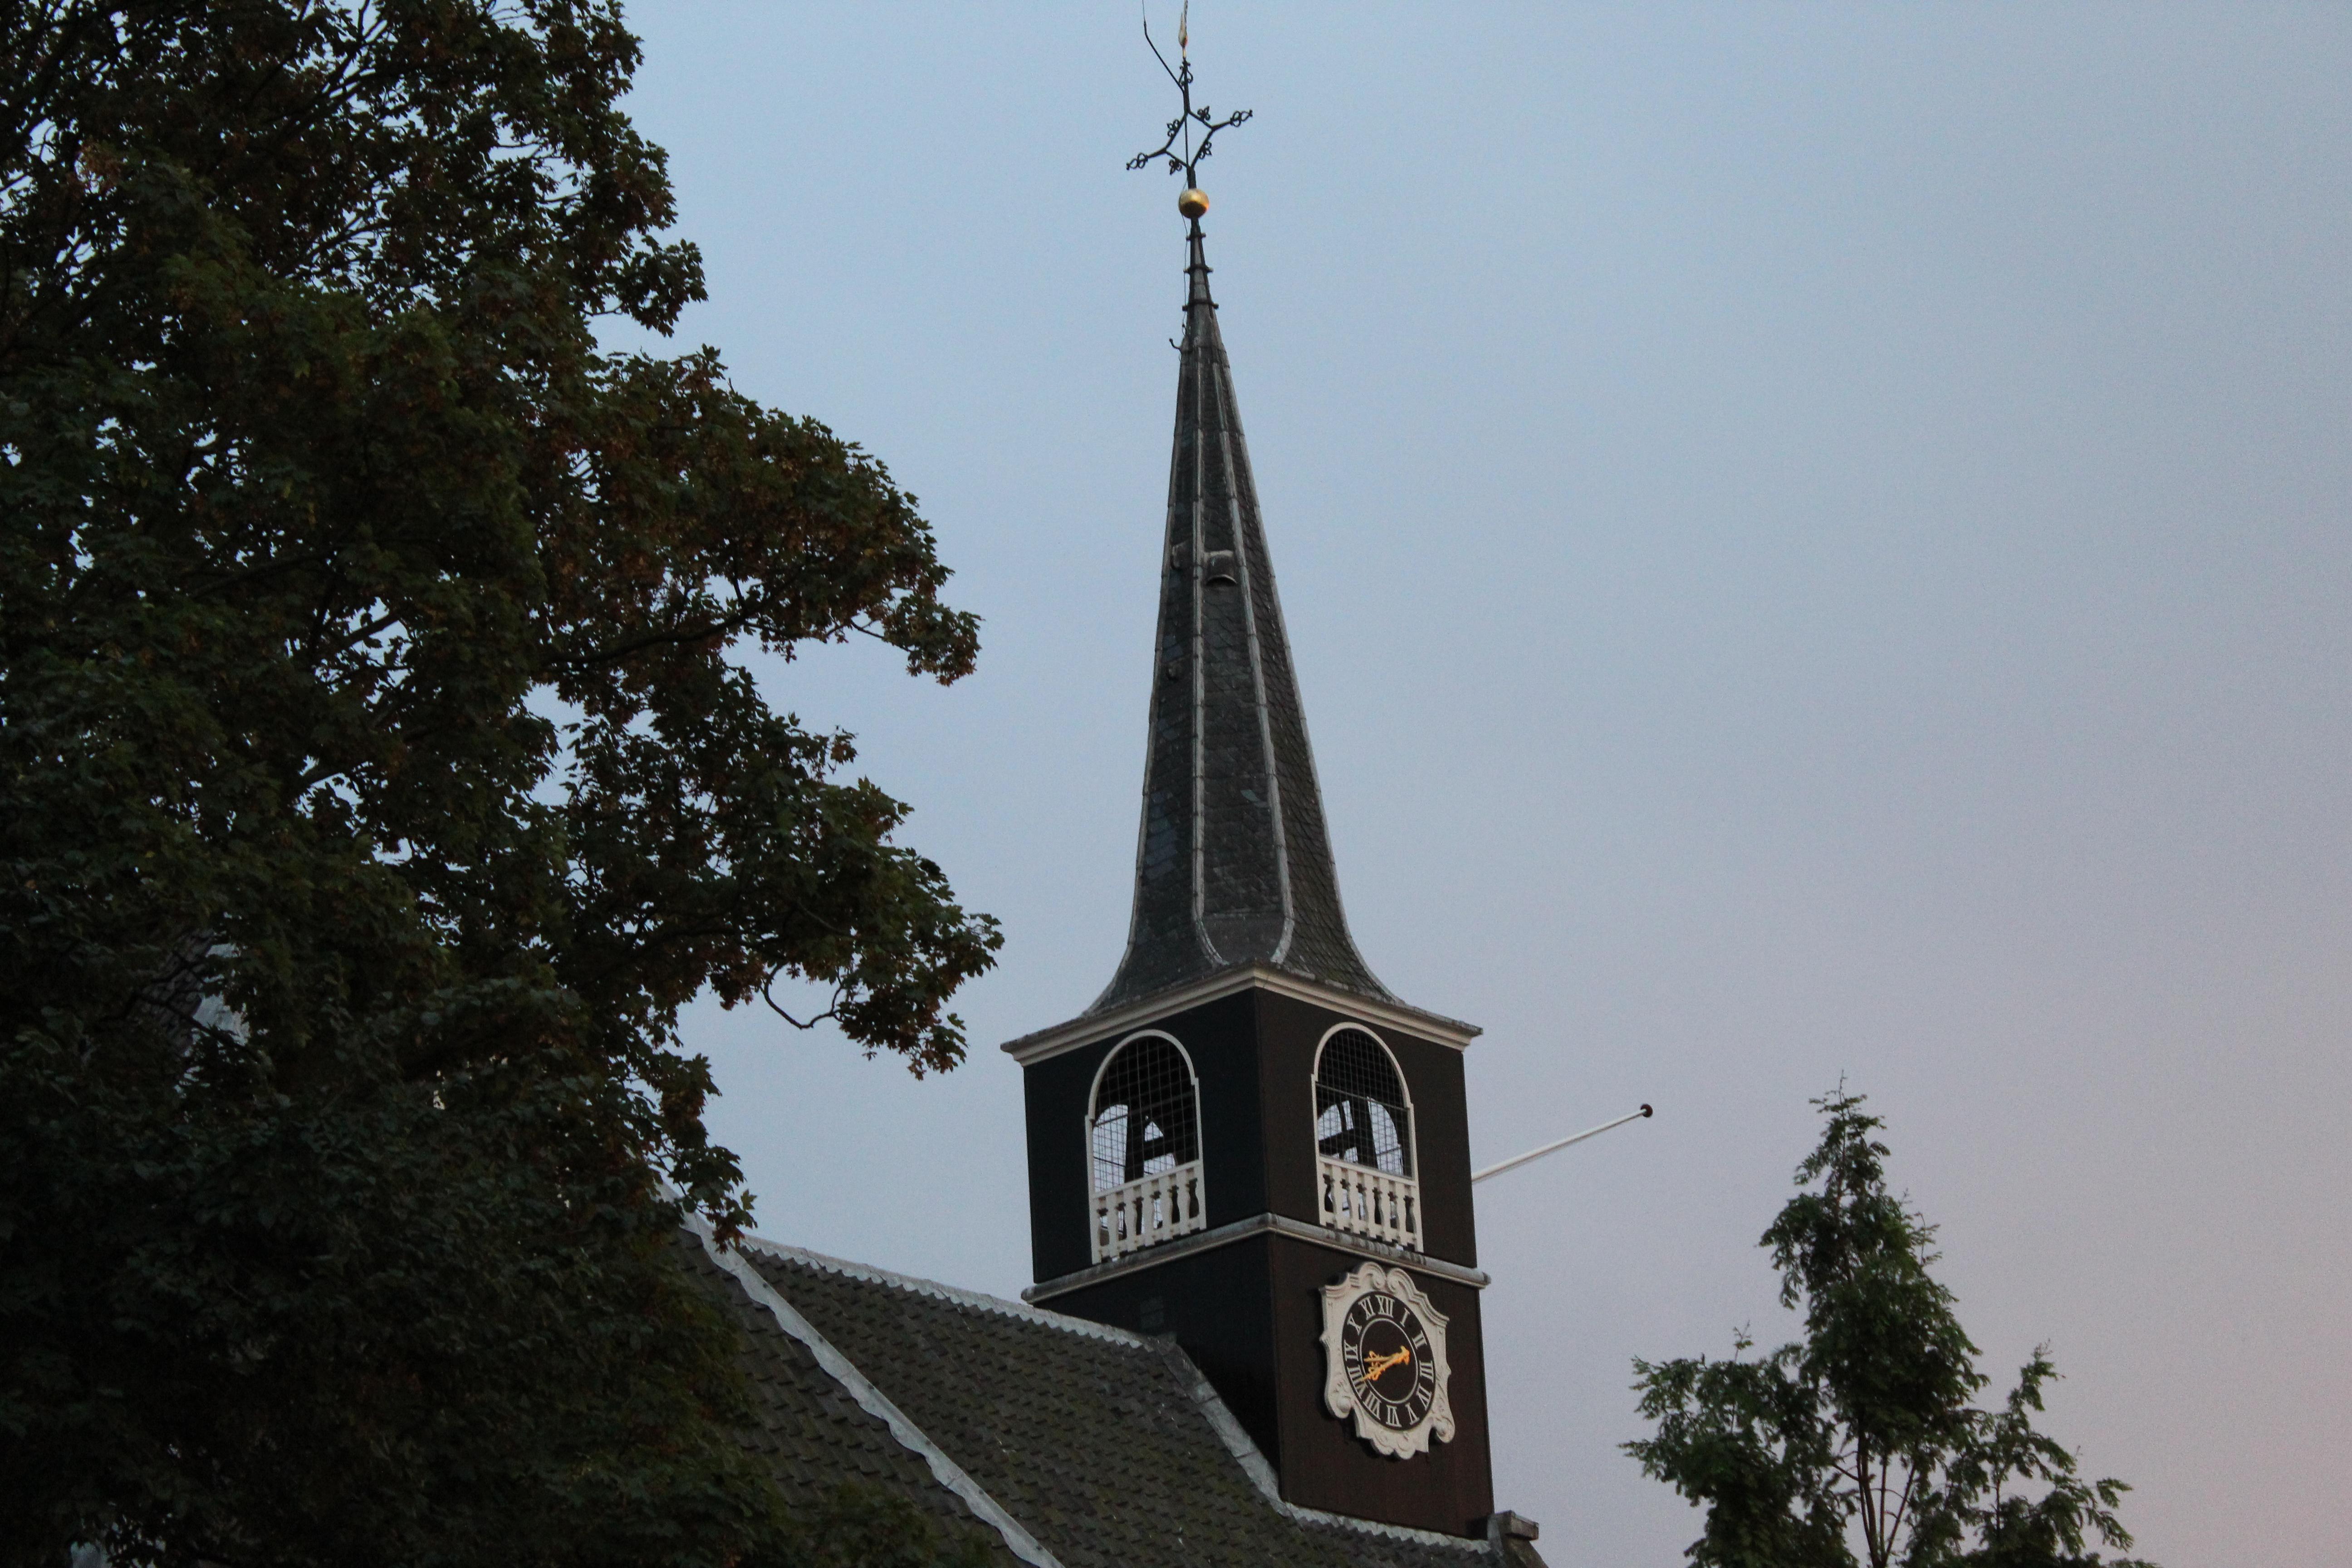 Toren van de Grote Kerk (Foto: JWvD)